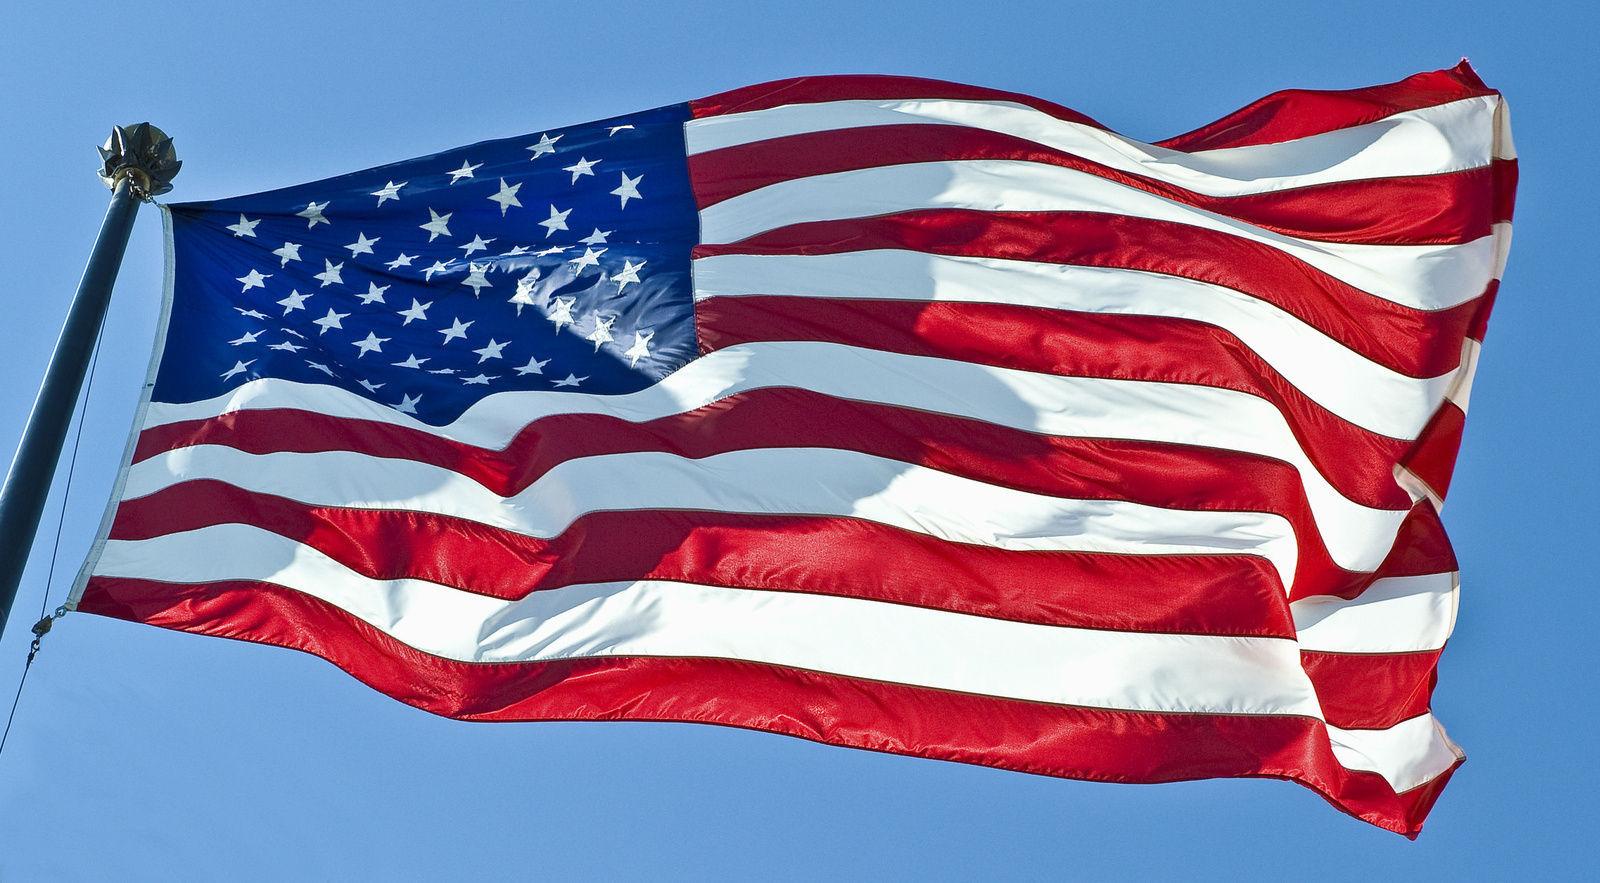 АНУ-ын зах зээлд бүтээгдэхүүнээ экспортолж, хөрөнгө оруулалт татах боломжийг 30 аж ахуйн нэгжид олгоно